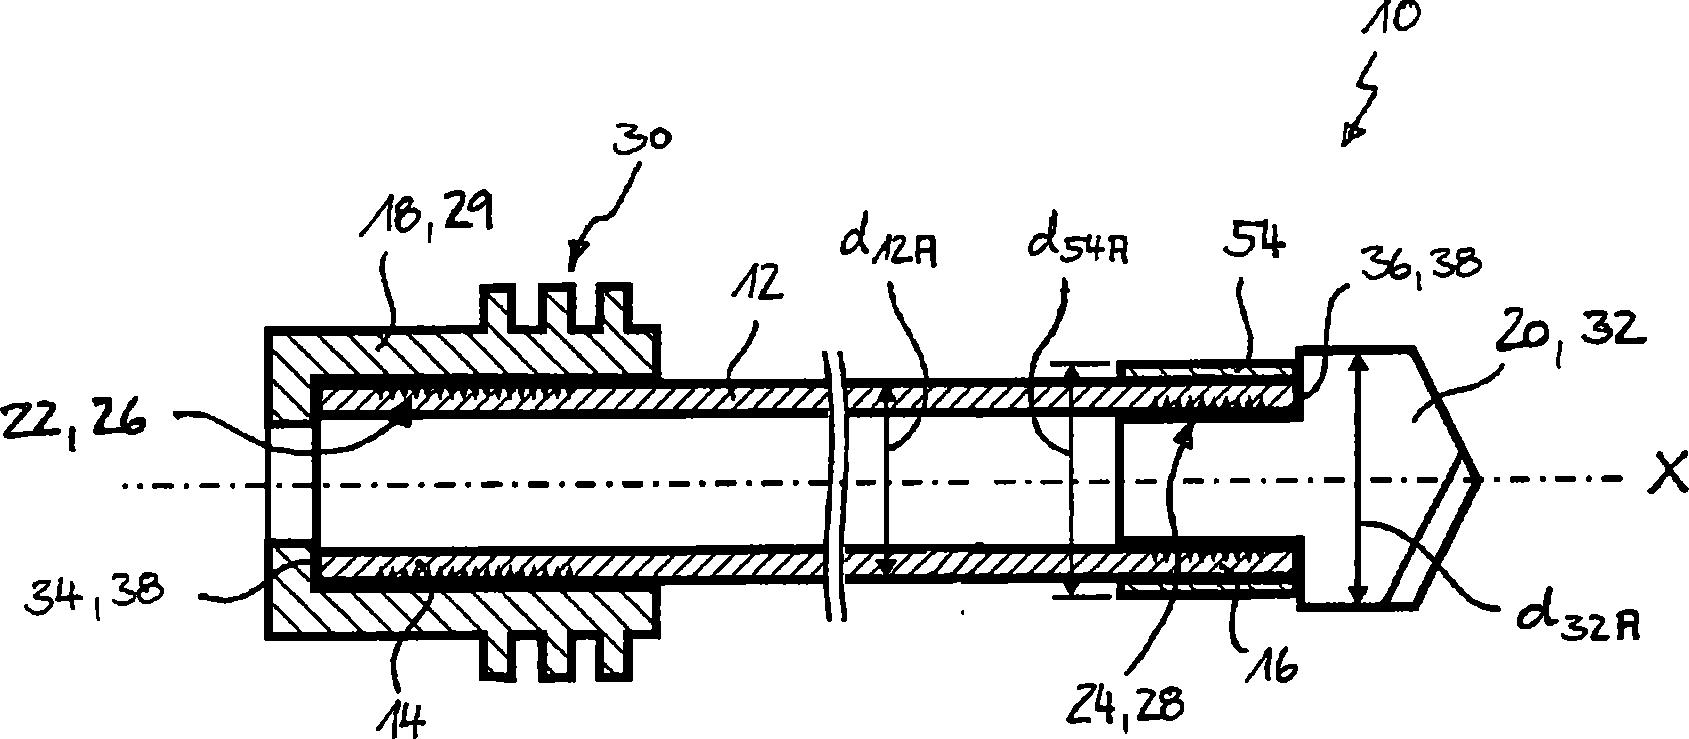 Figure DE102010043765B4_0001